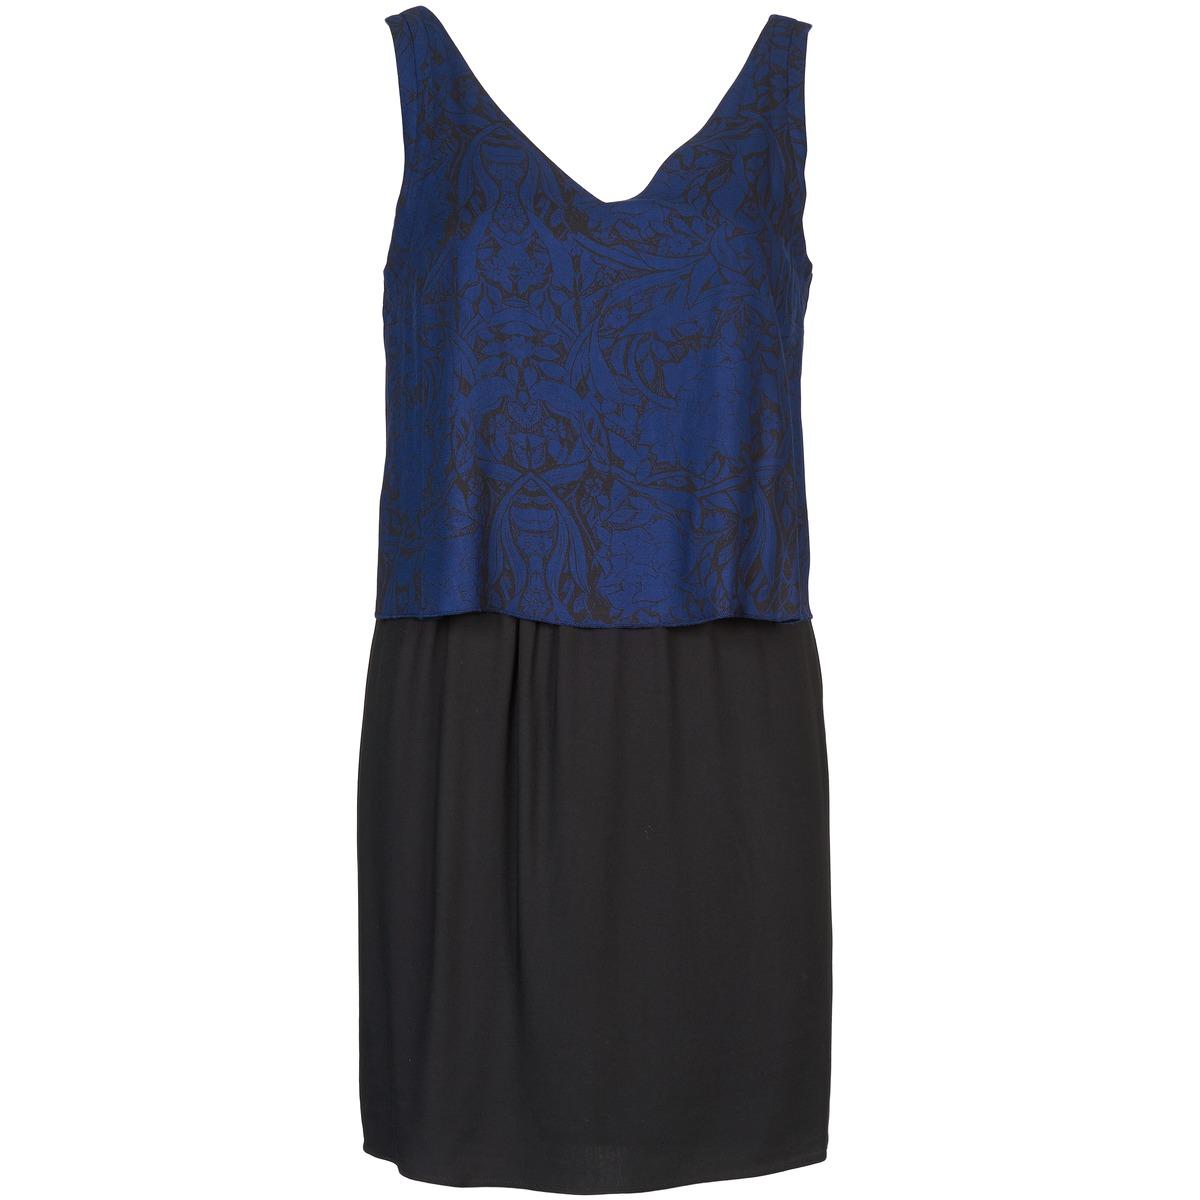 Naf Naf LORRICE Black / Blue